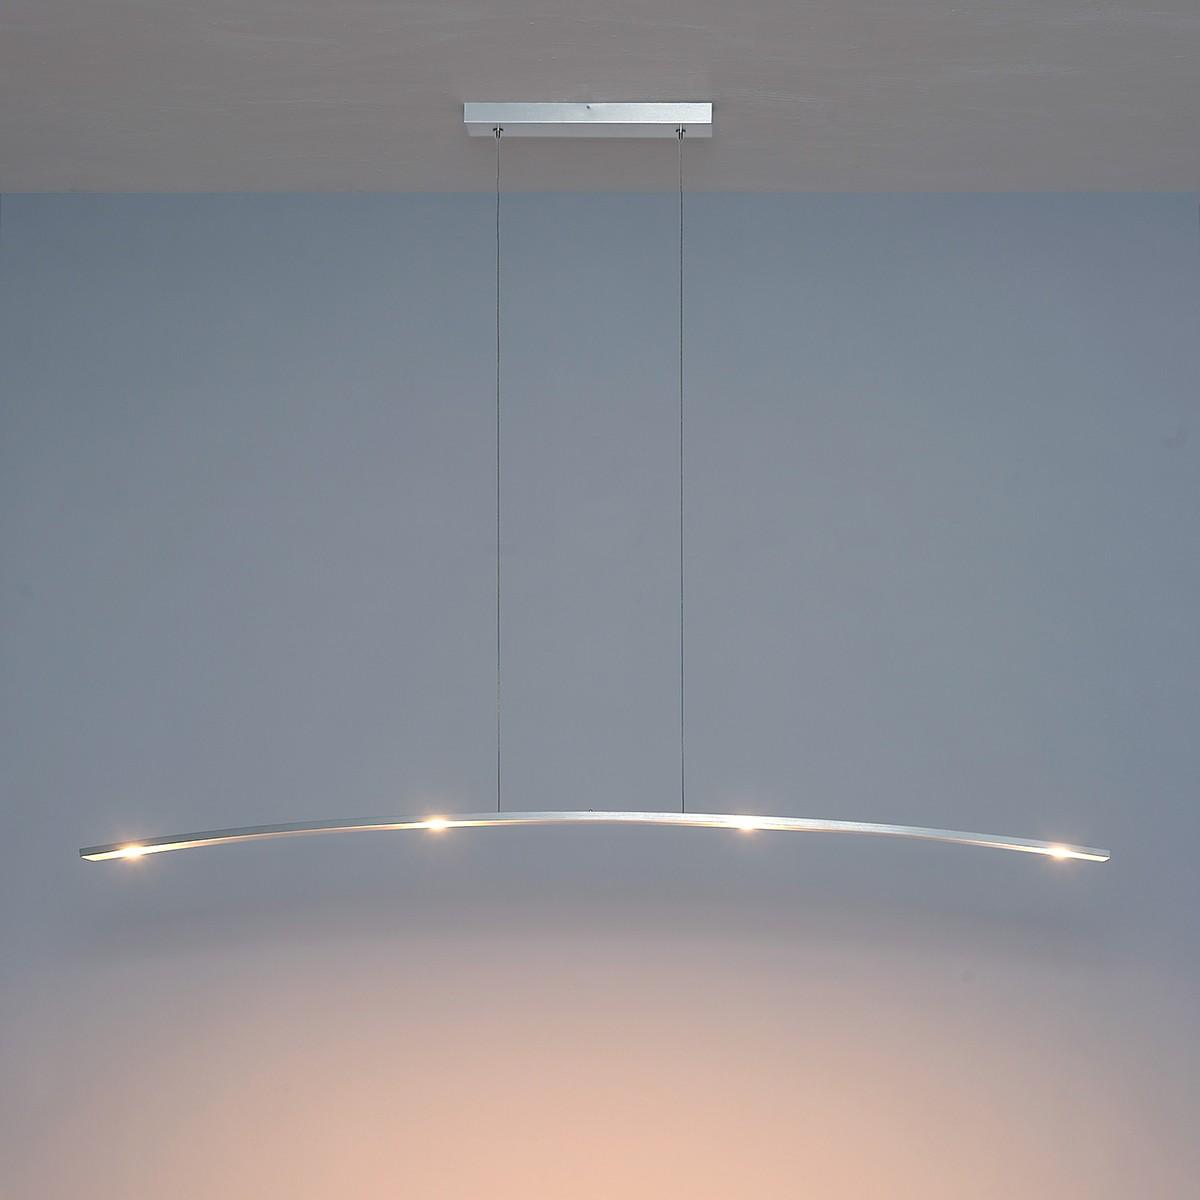 Bopp Change Action Pendelleuchte, Länge: 155 cm, Aluminium geschliffen